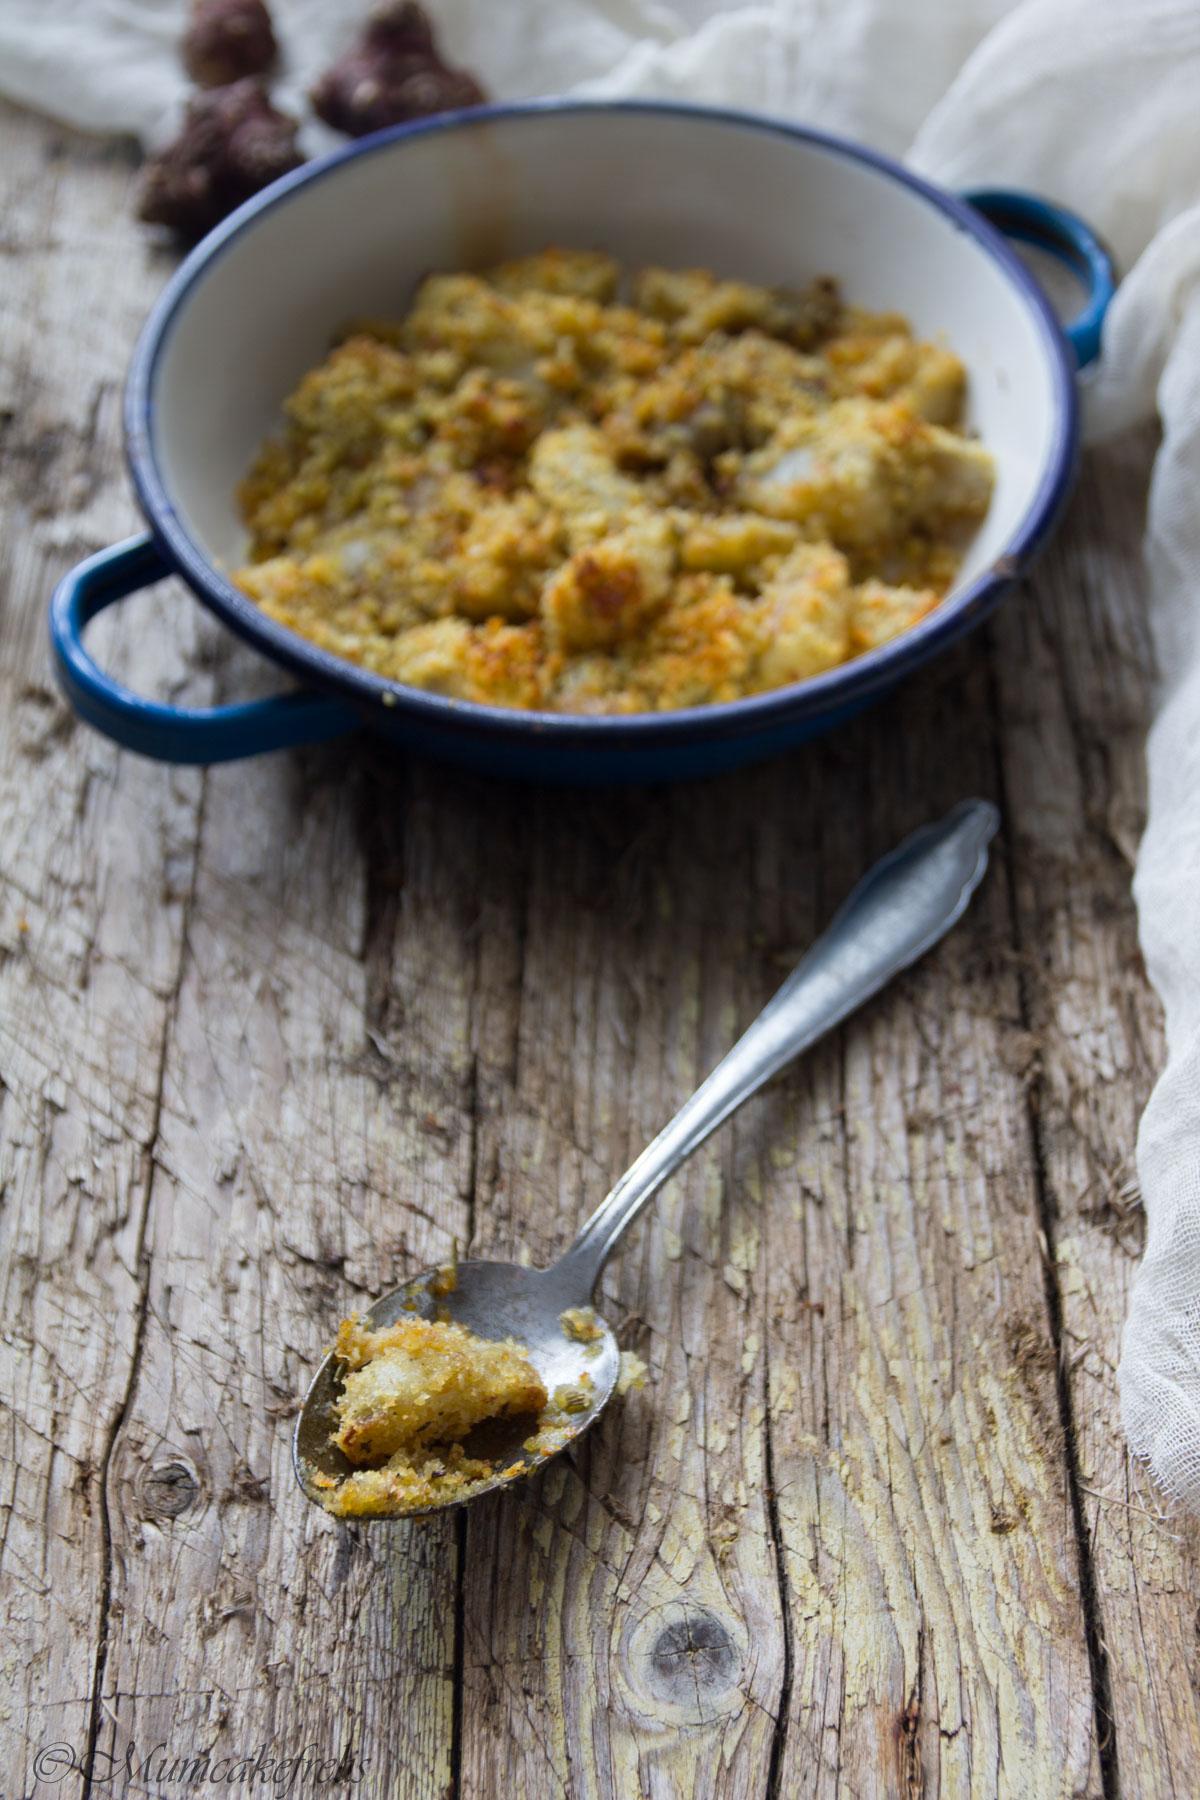 topinambur cosa è, topinambur sapore, topinambur coltivazione, topinambur pianta, topinambur crudo, topinambur al forno con patate,